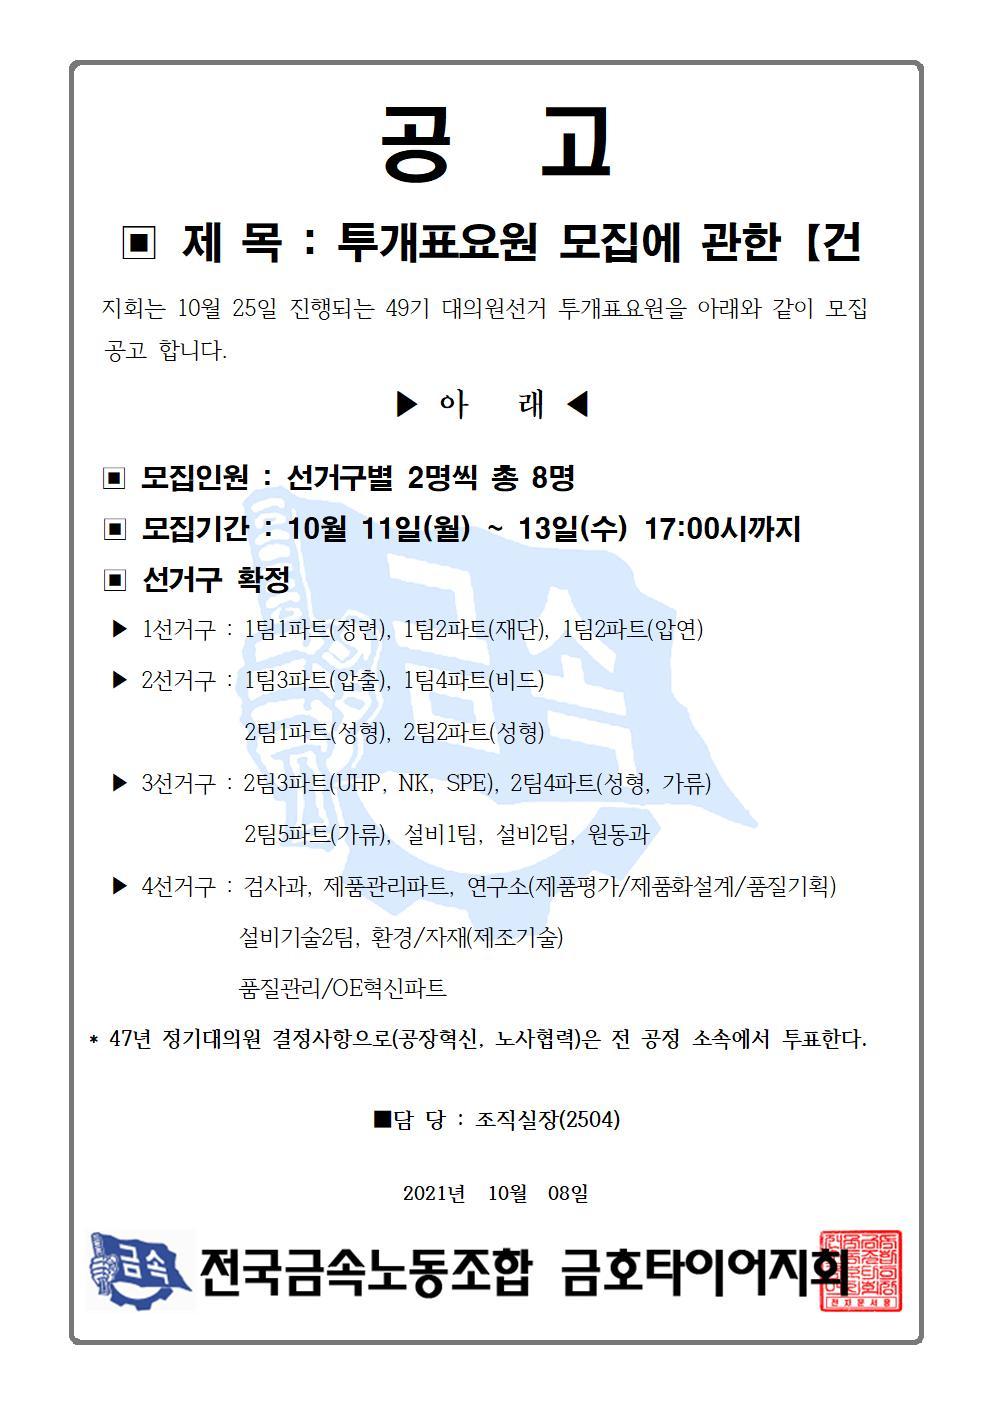 49년차 대의원투개표요원 모집공고001.jpg